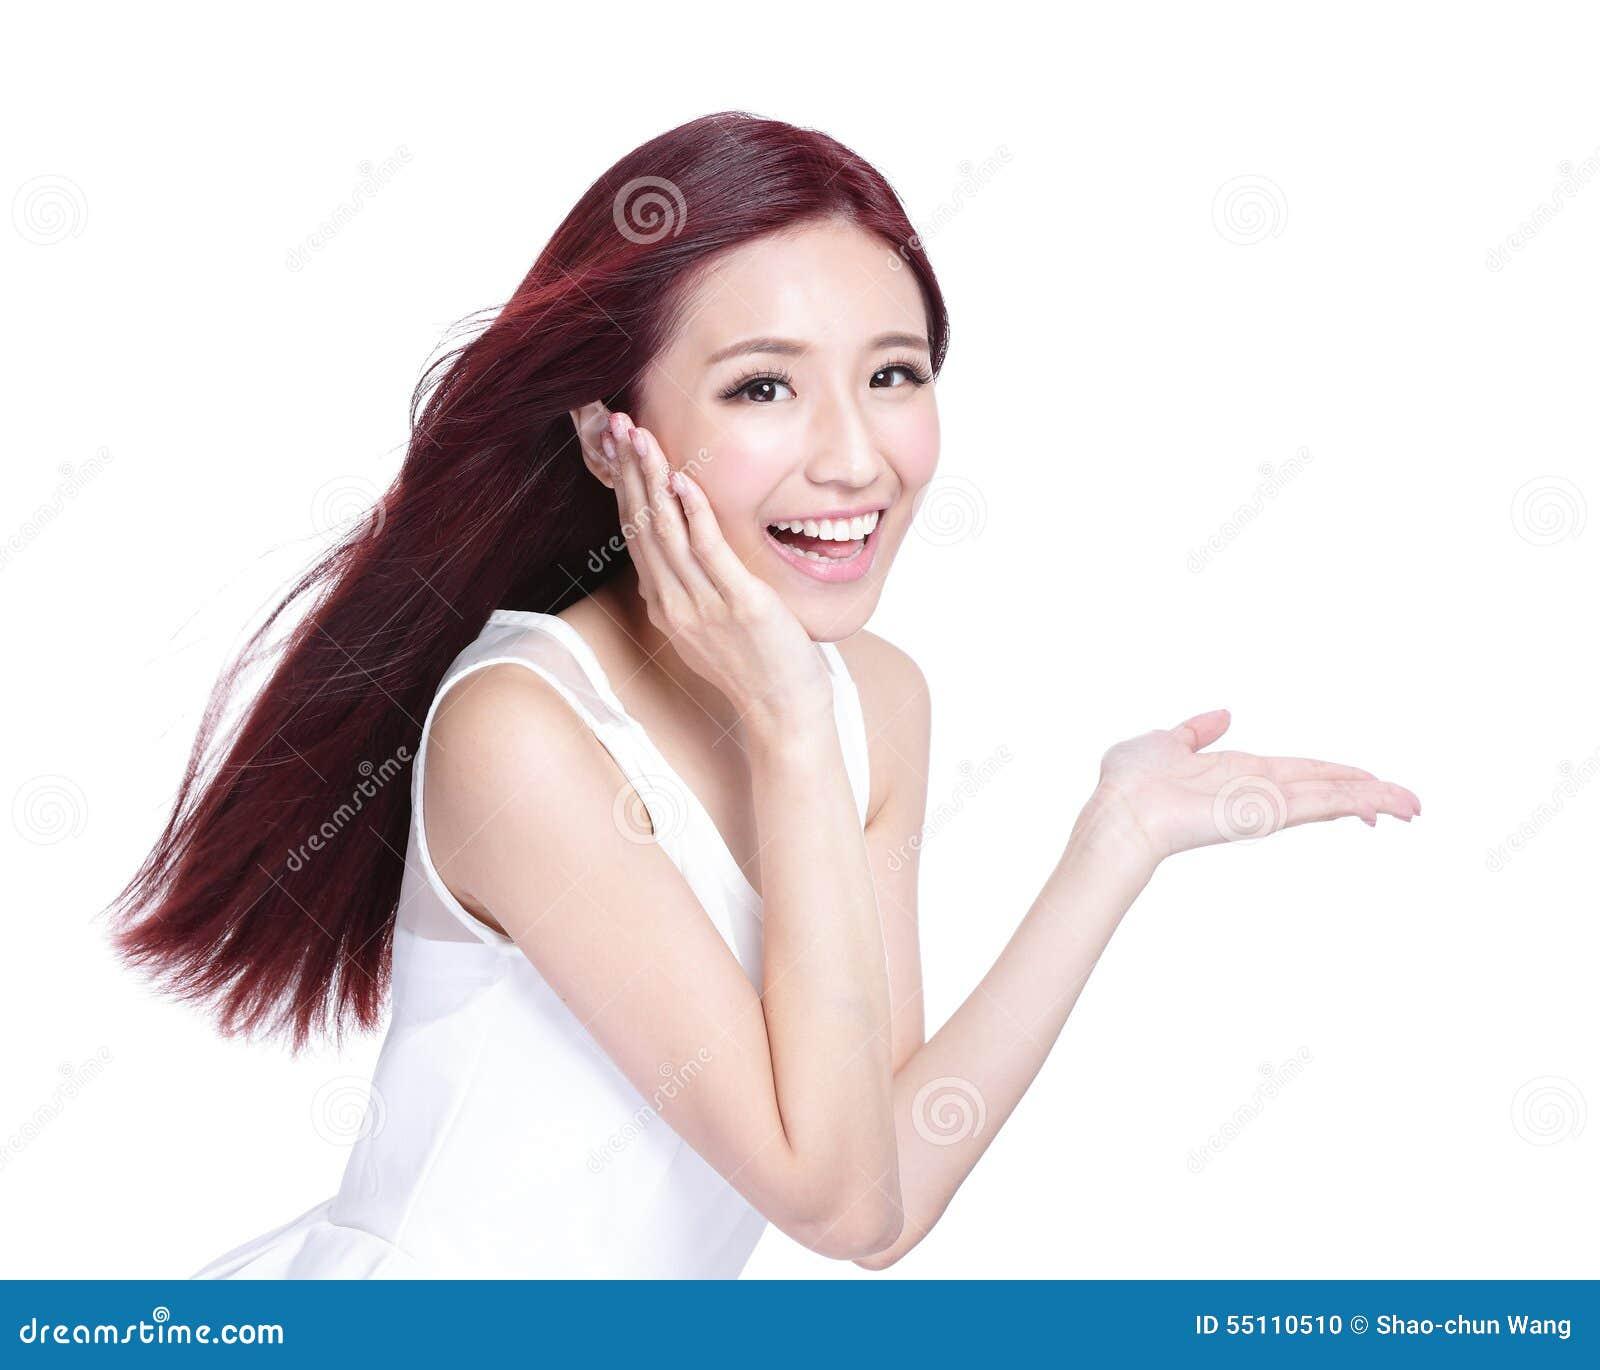 Продшен бразерс, девушка с очаровательной улыбкой